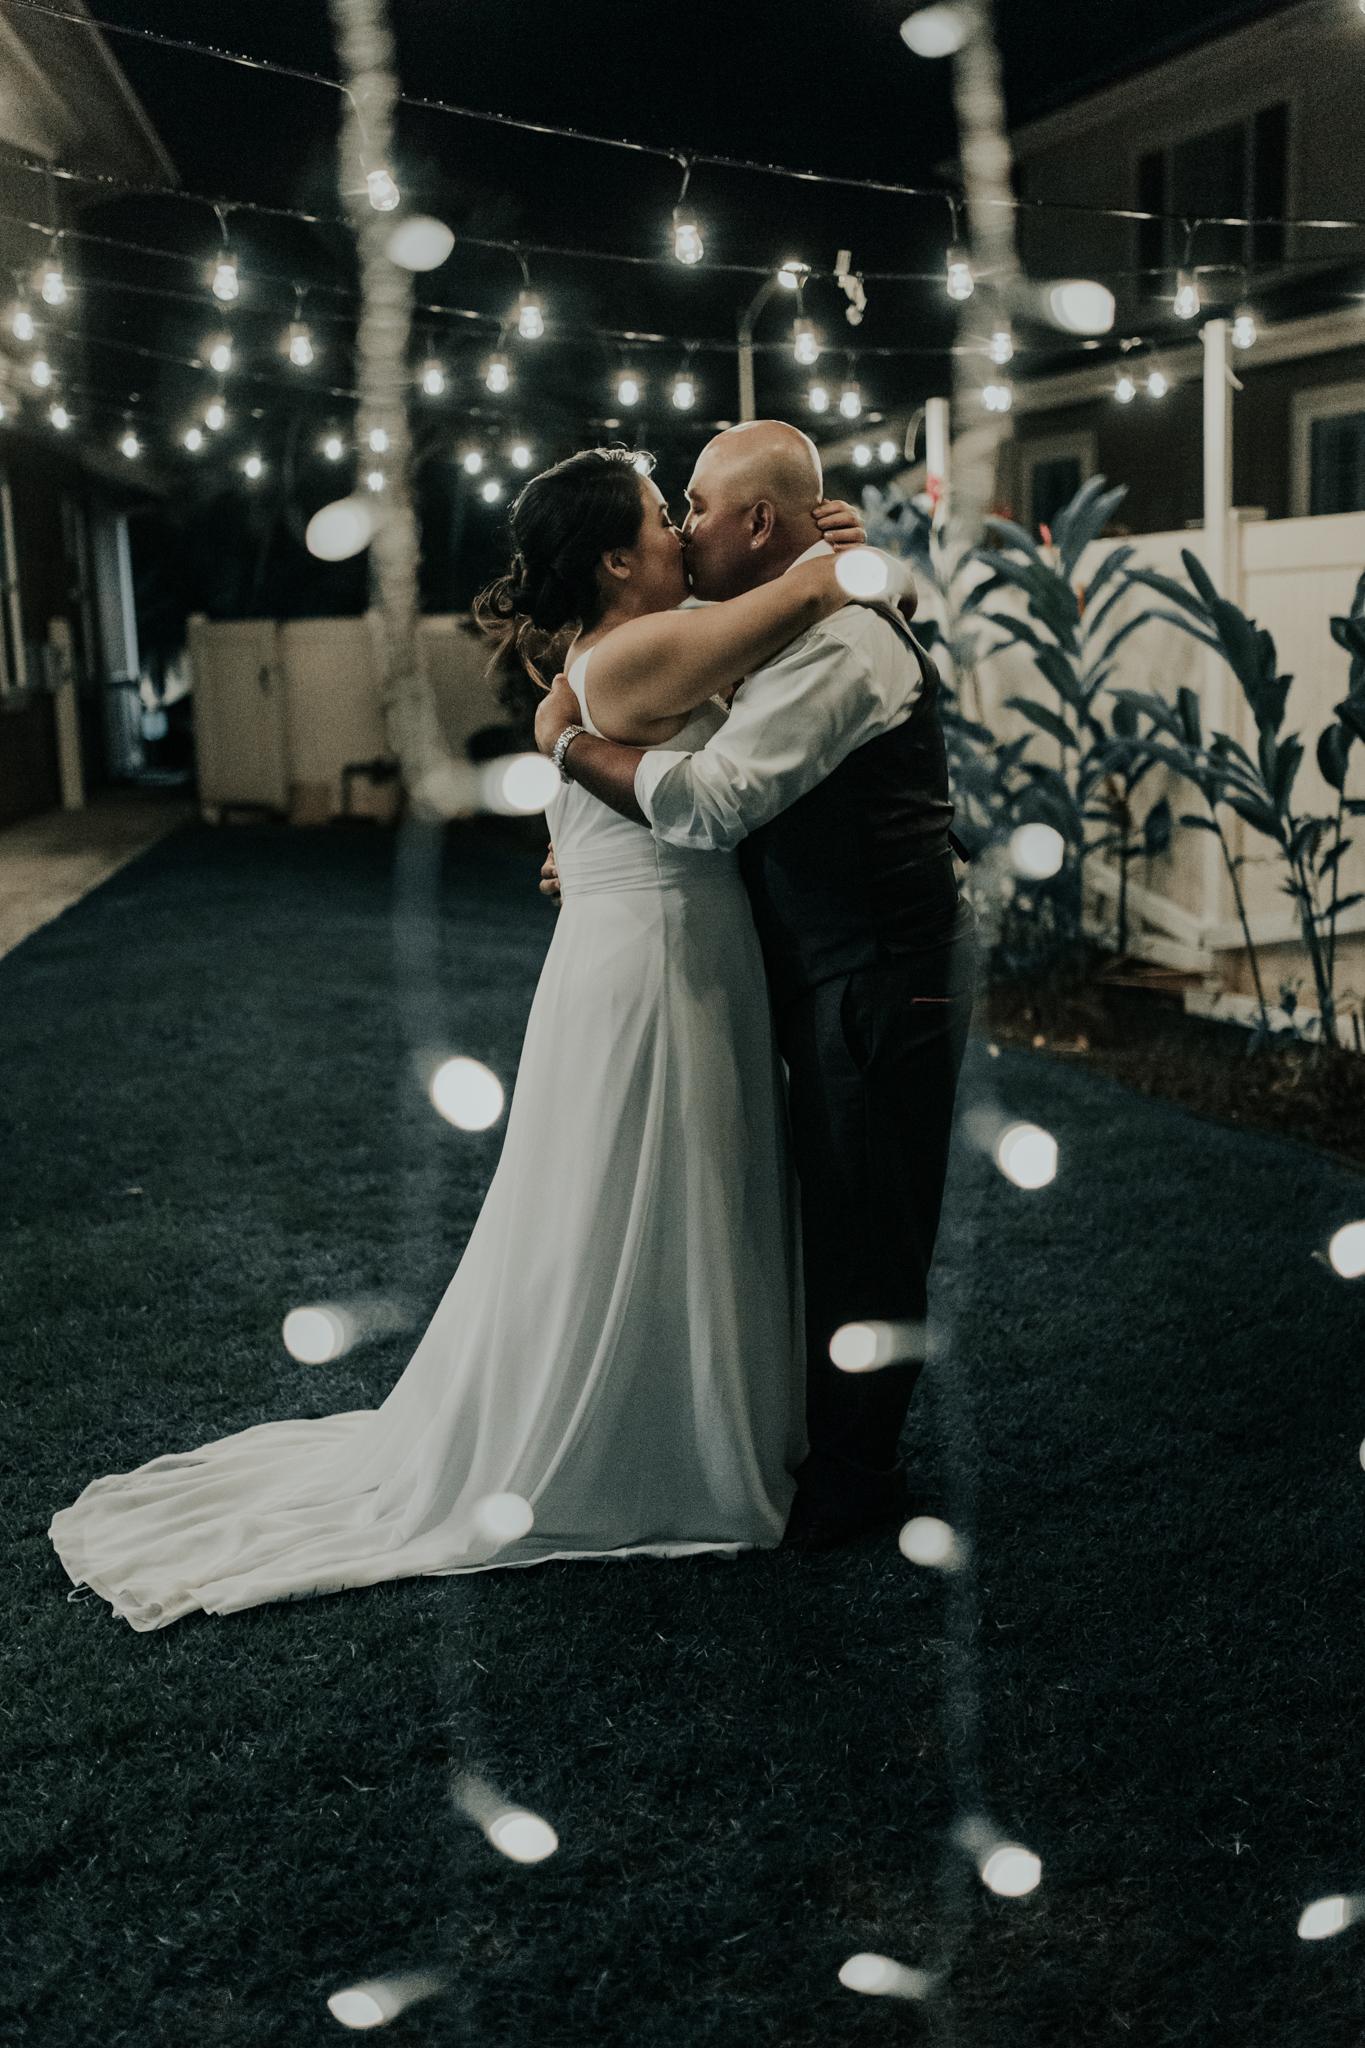 First dance at a backyard wedding